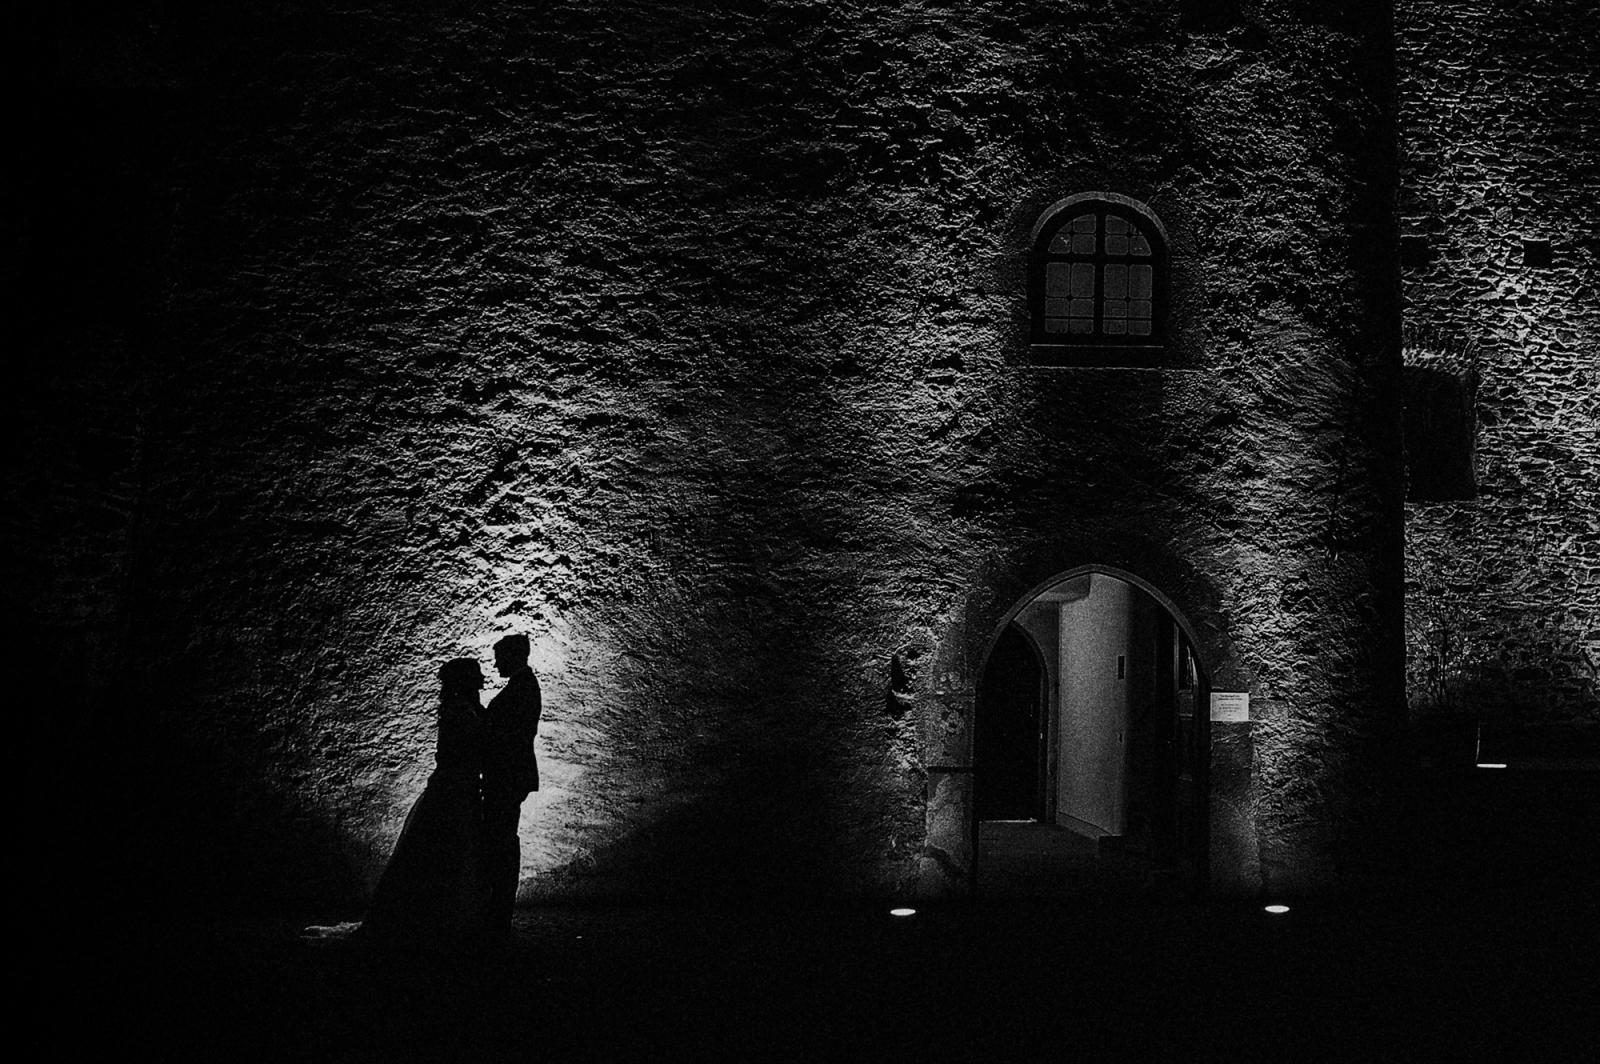 Hochzeitsfotograf Marburg, Hochzeitsfotografie Marburg